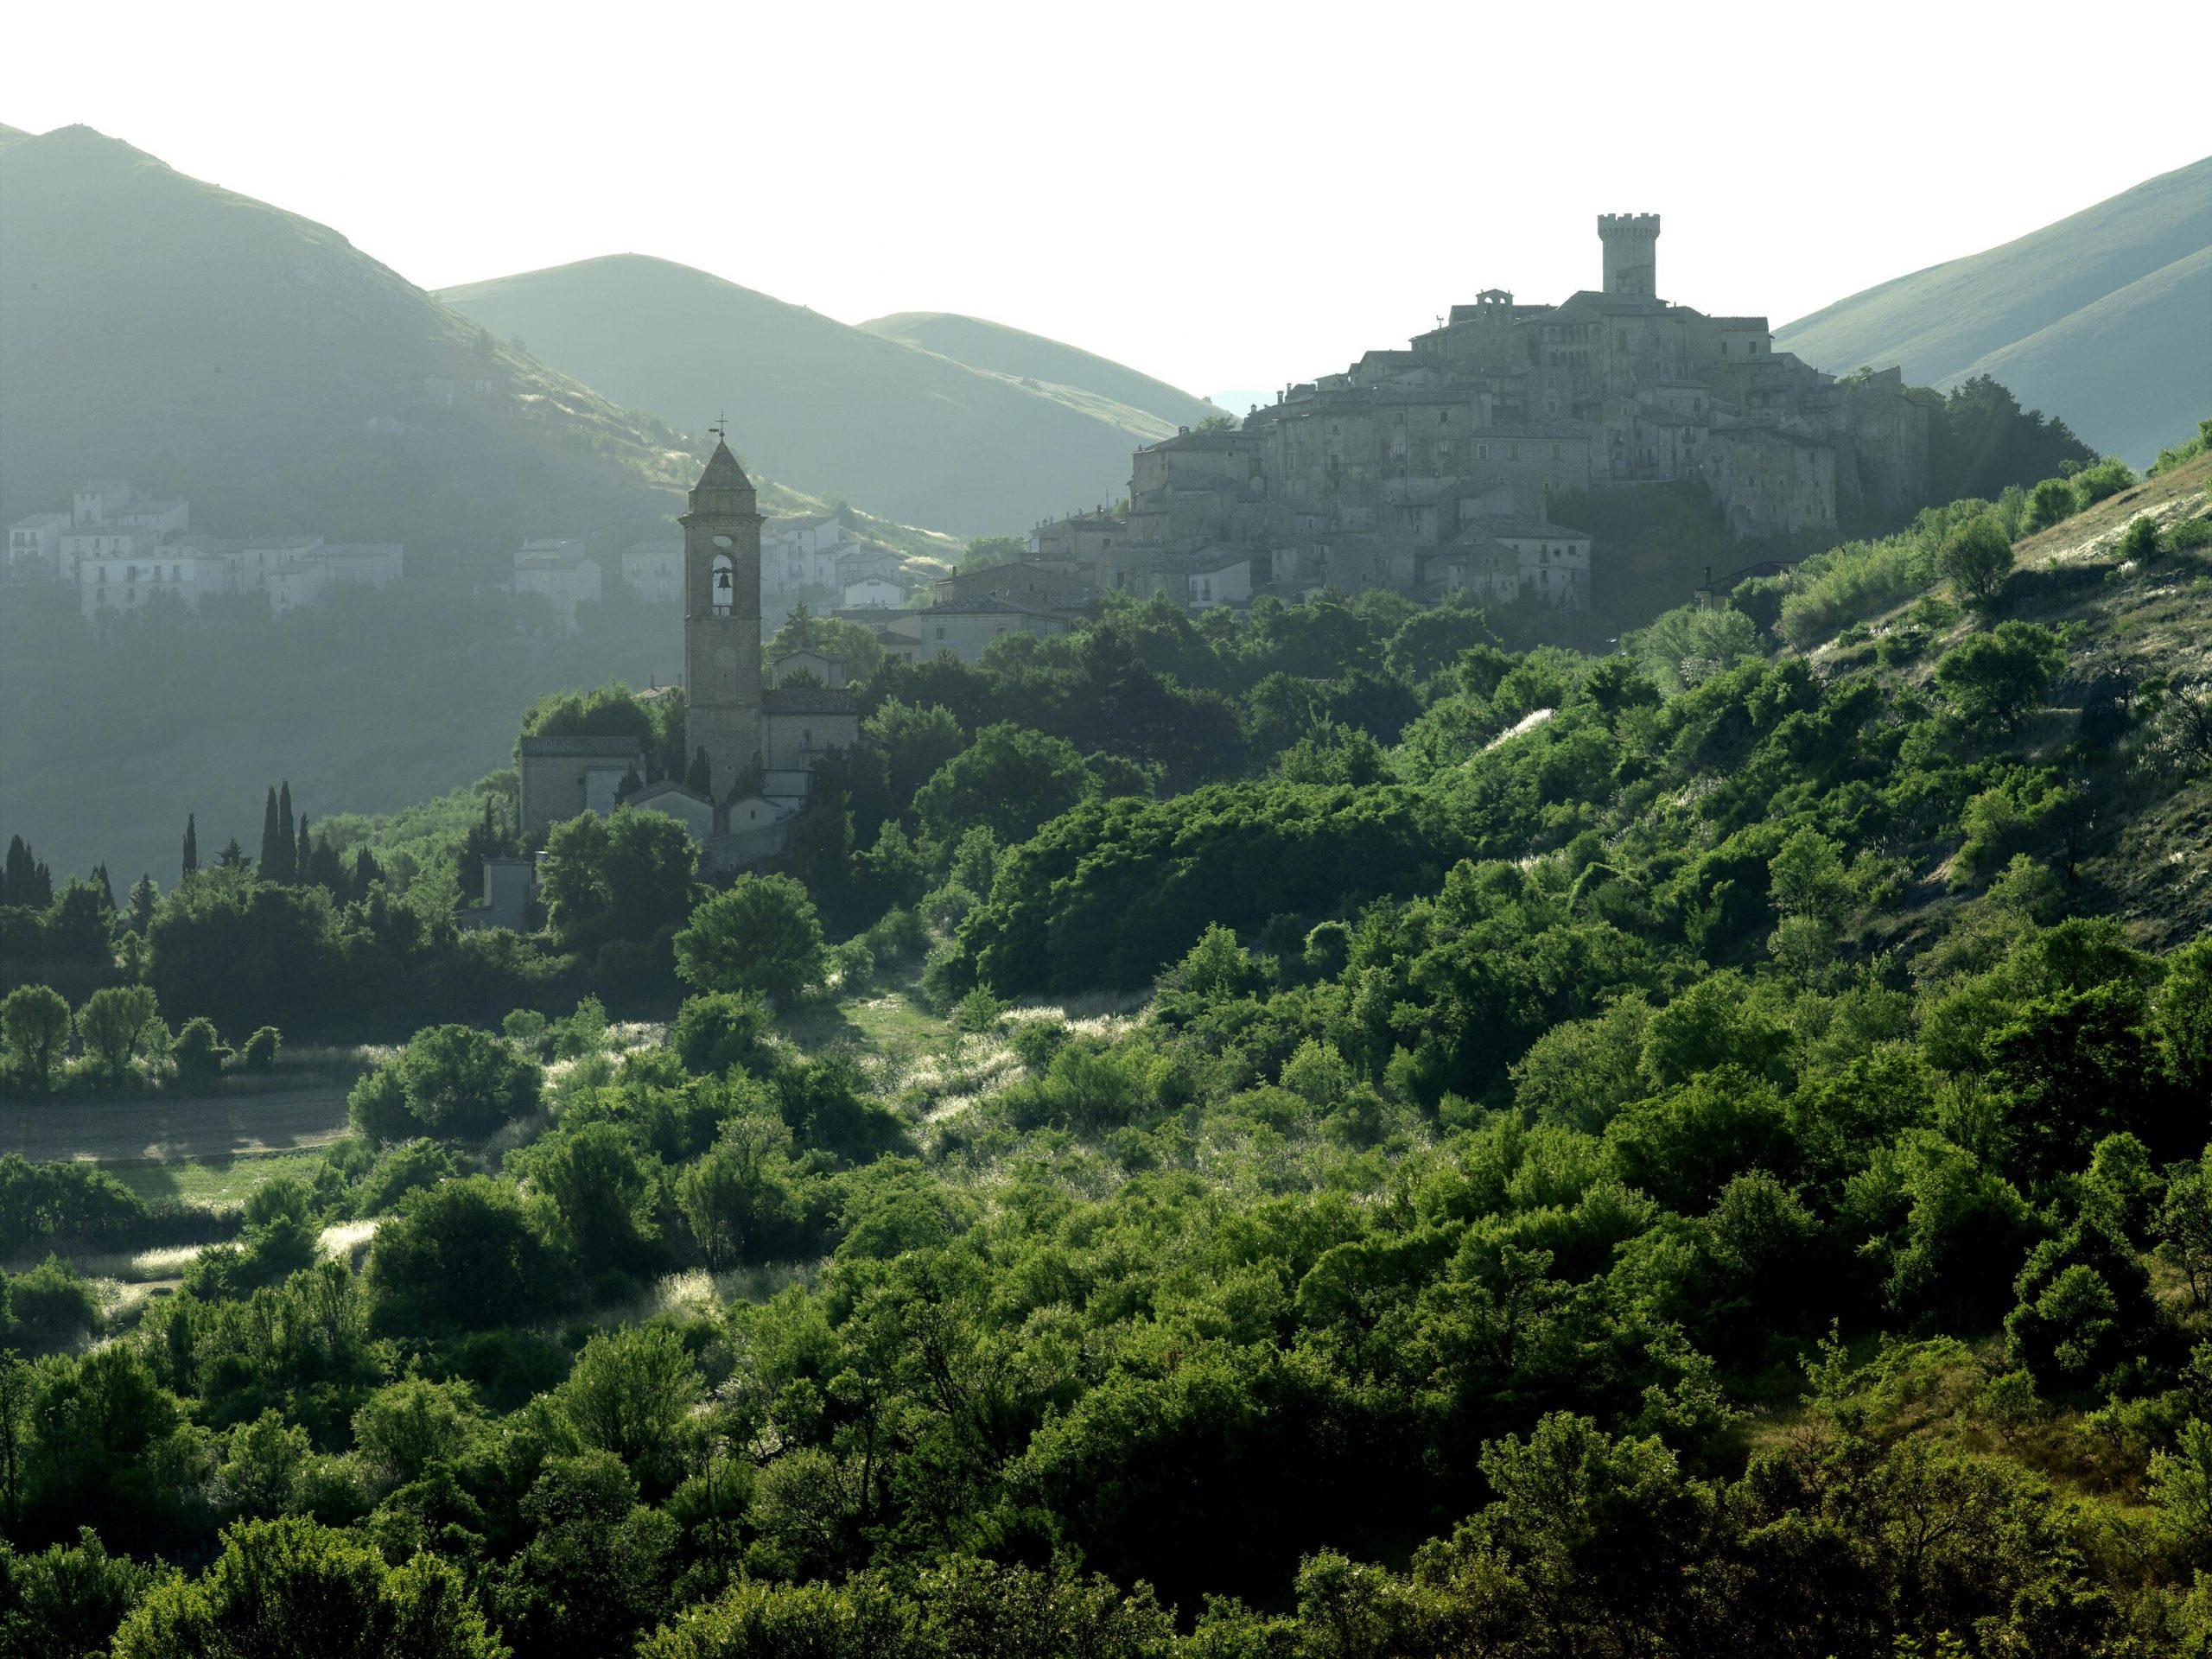 Santo Stefano di Sessanio – odmor na srednjevekovni način